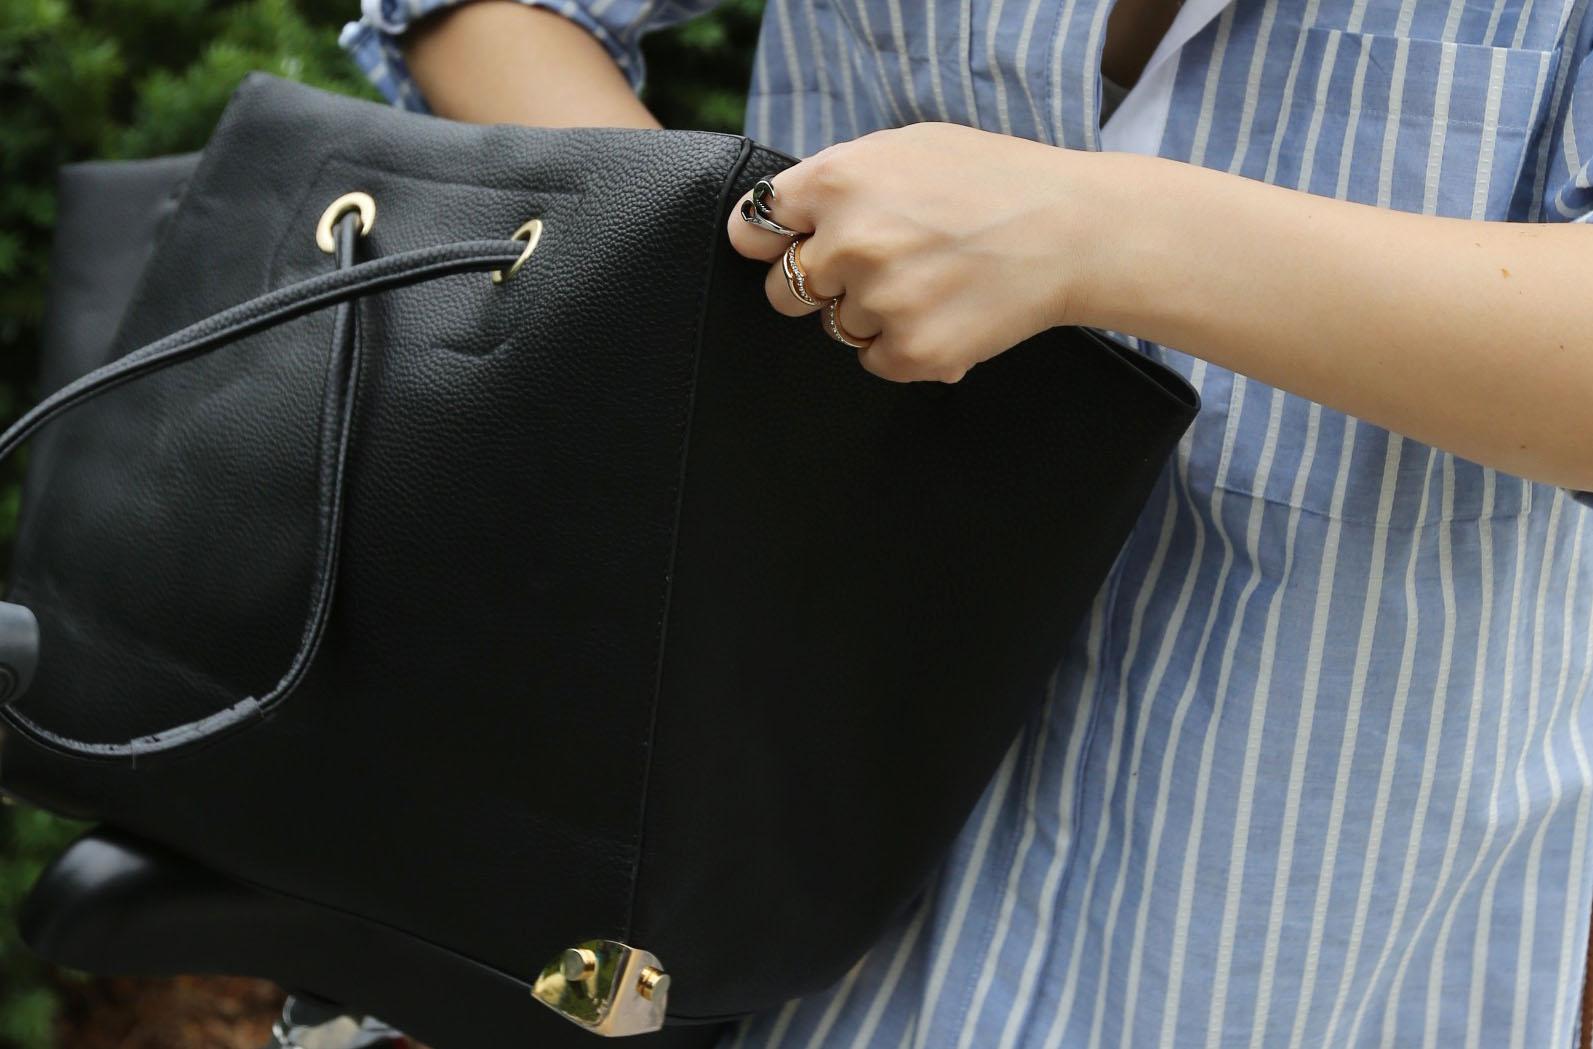 ms littles bag customer review.jpg